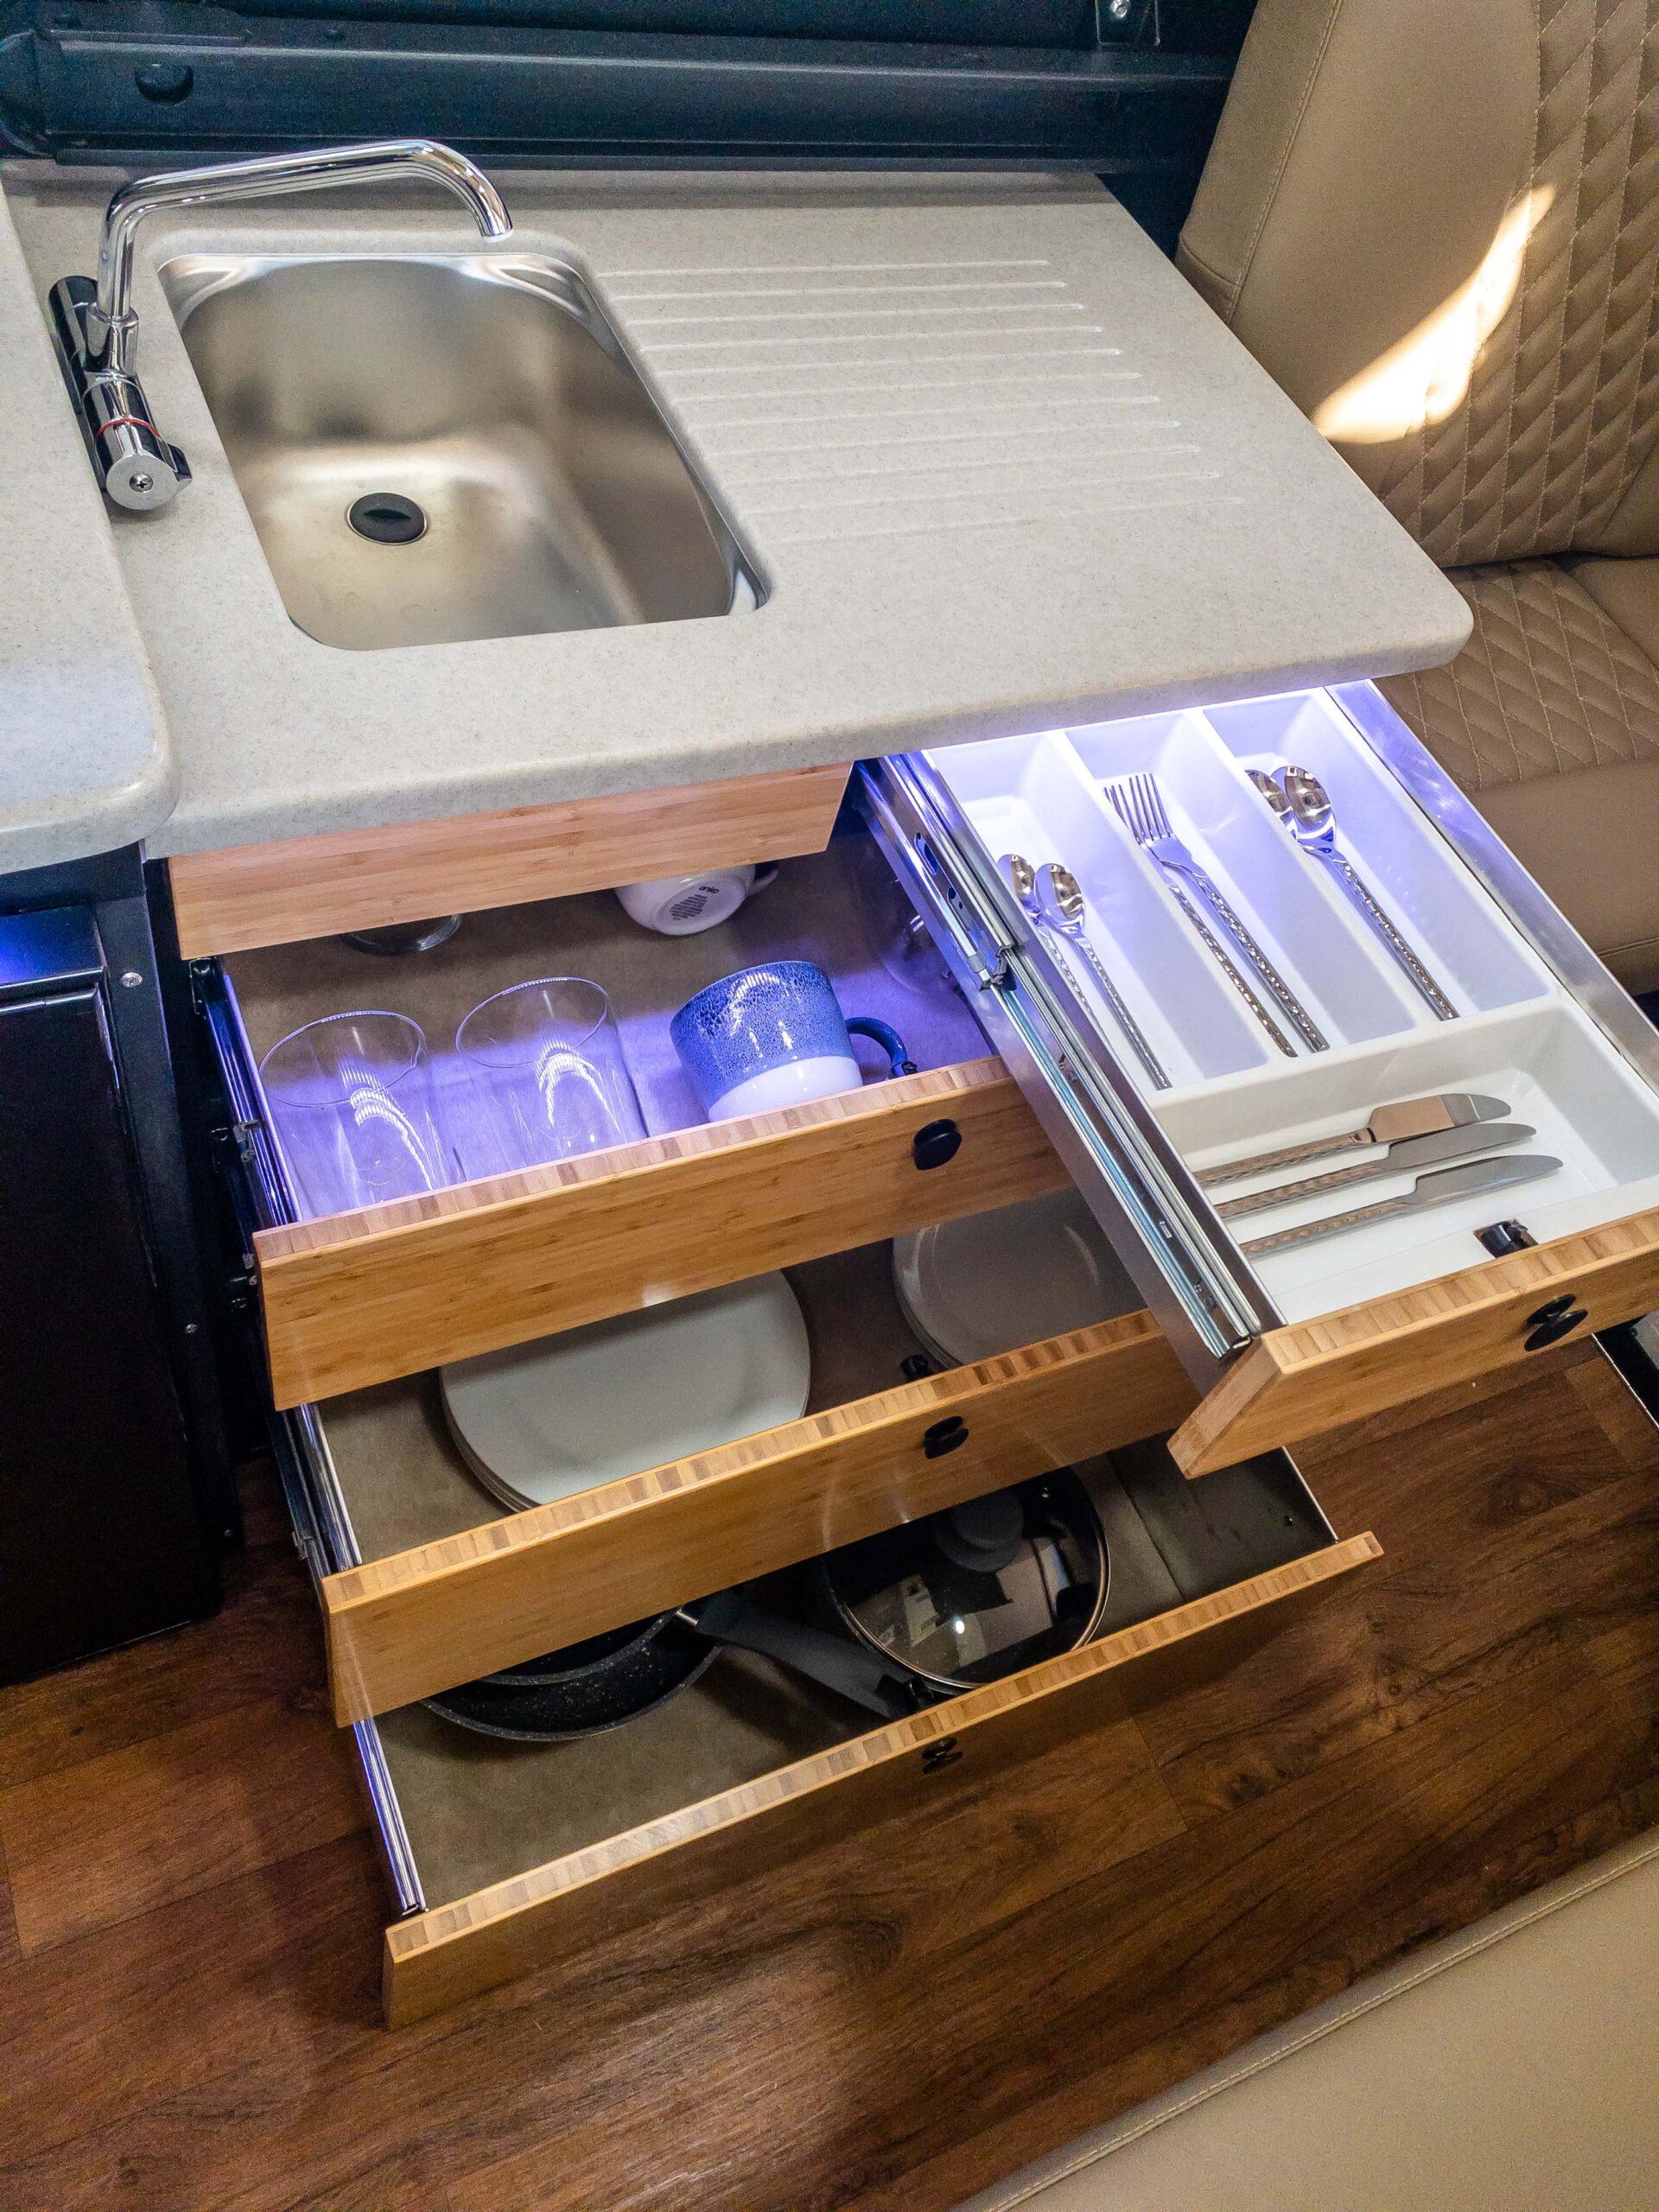 Kimberley Karavan under sink storage drawers-1